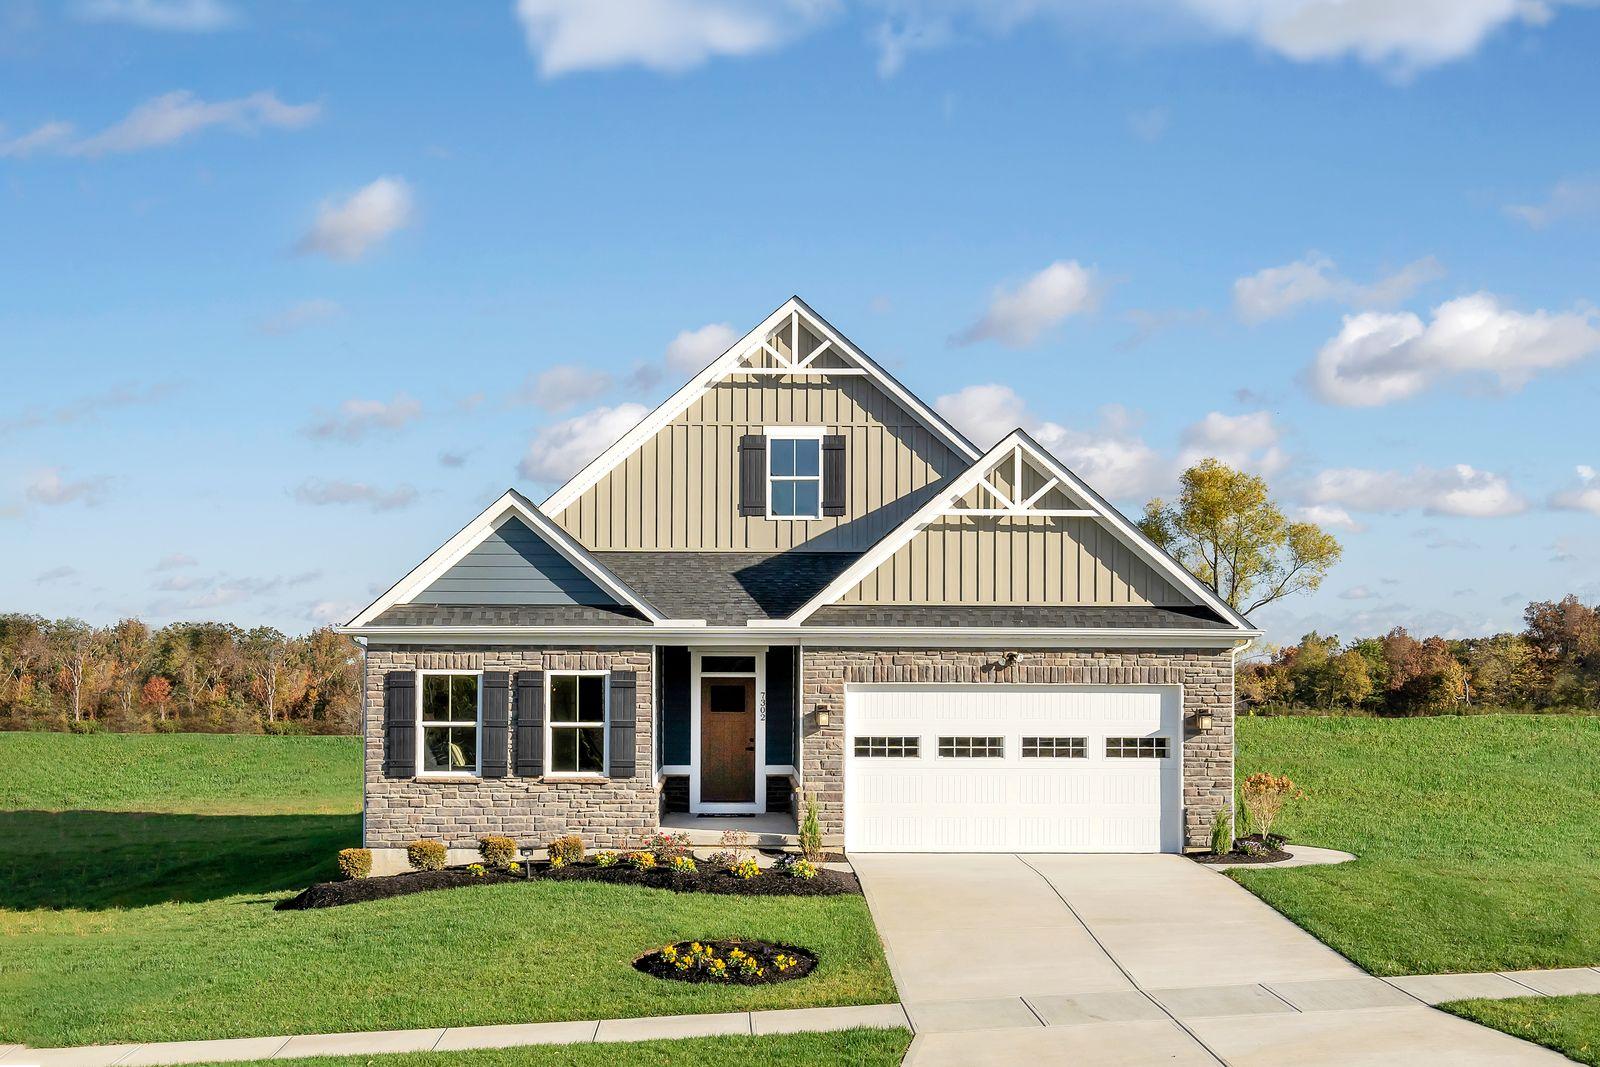 'Hawk Pointe 55+ Townhomes by Asbury Farms Urban Renewal LLC' by Ryan Homes-NJC in Warren County